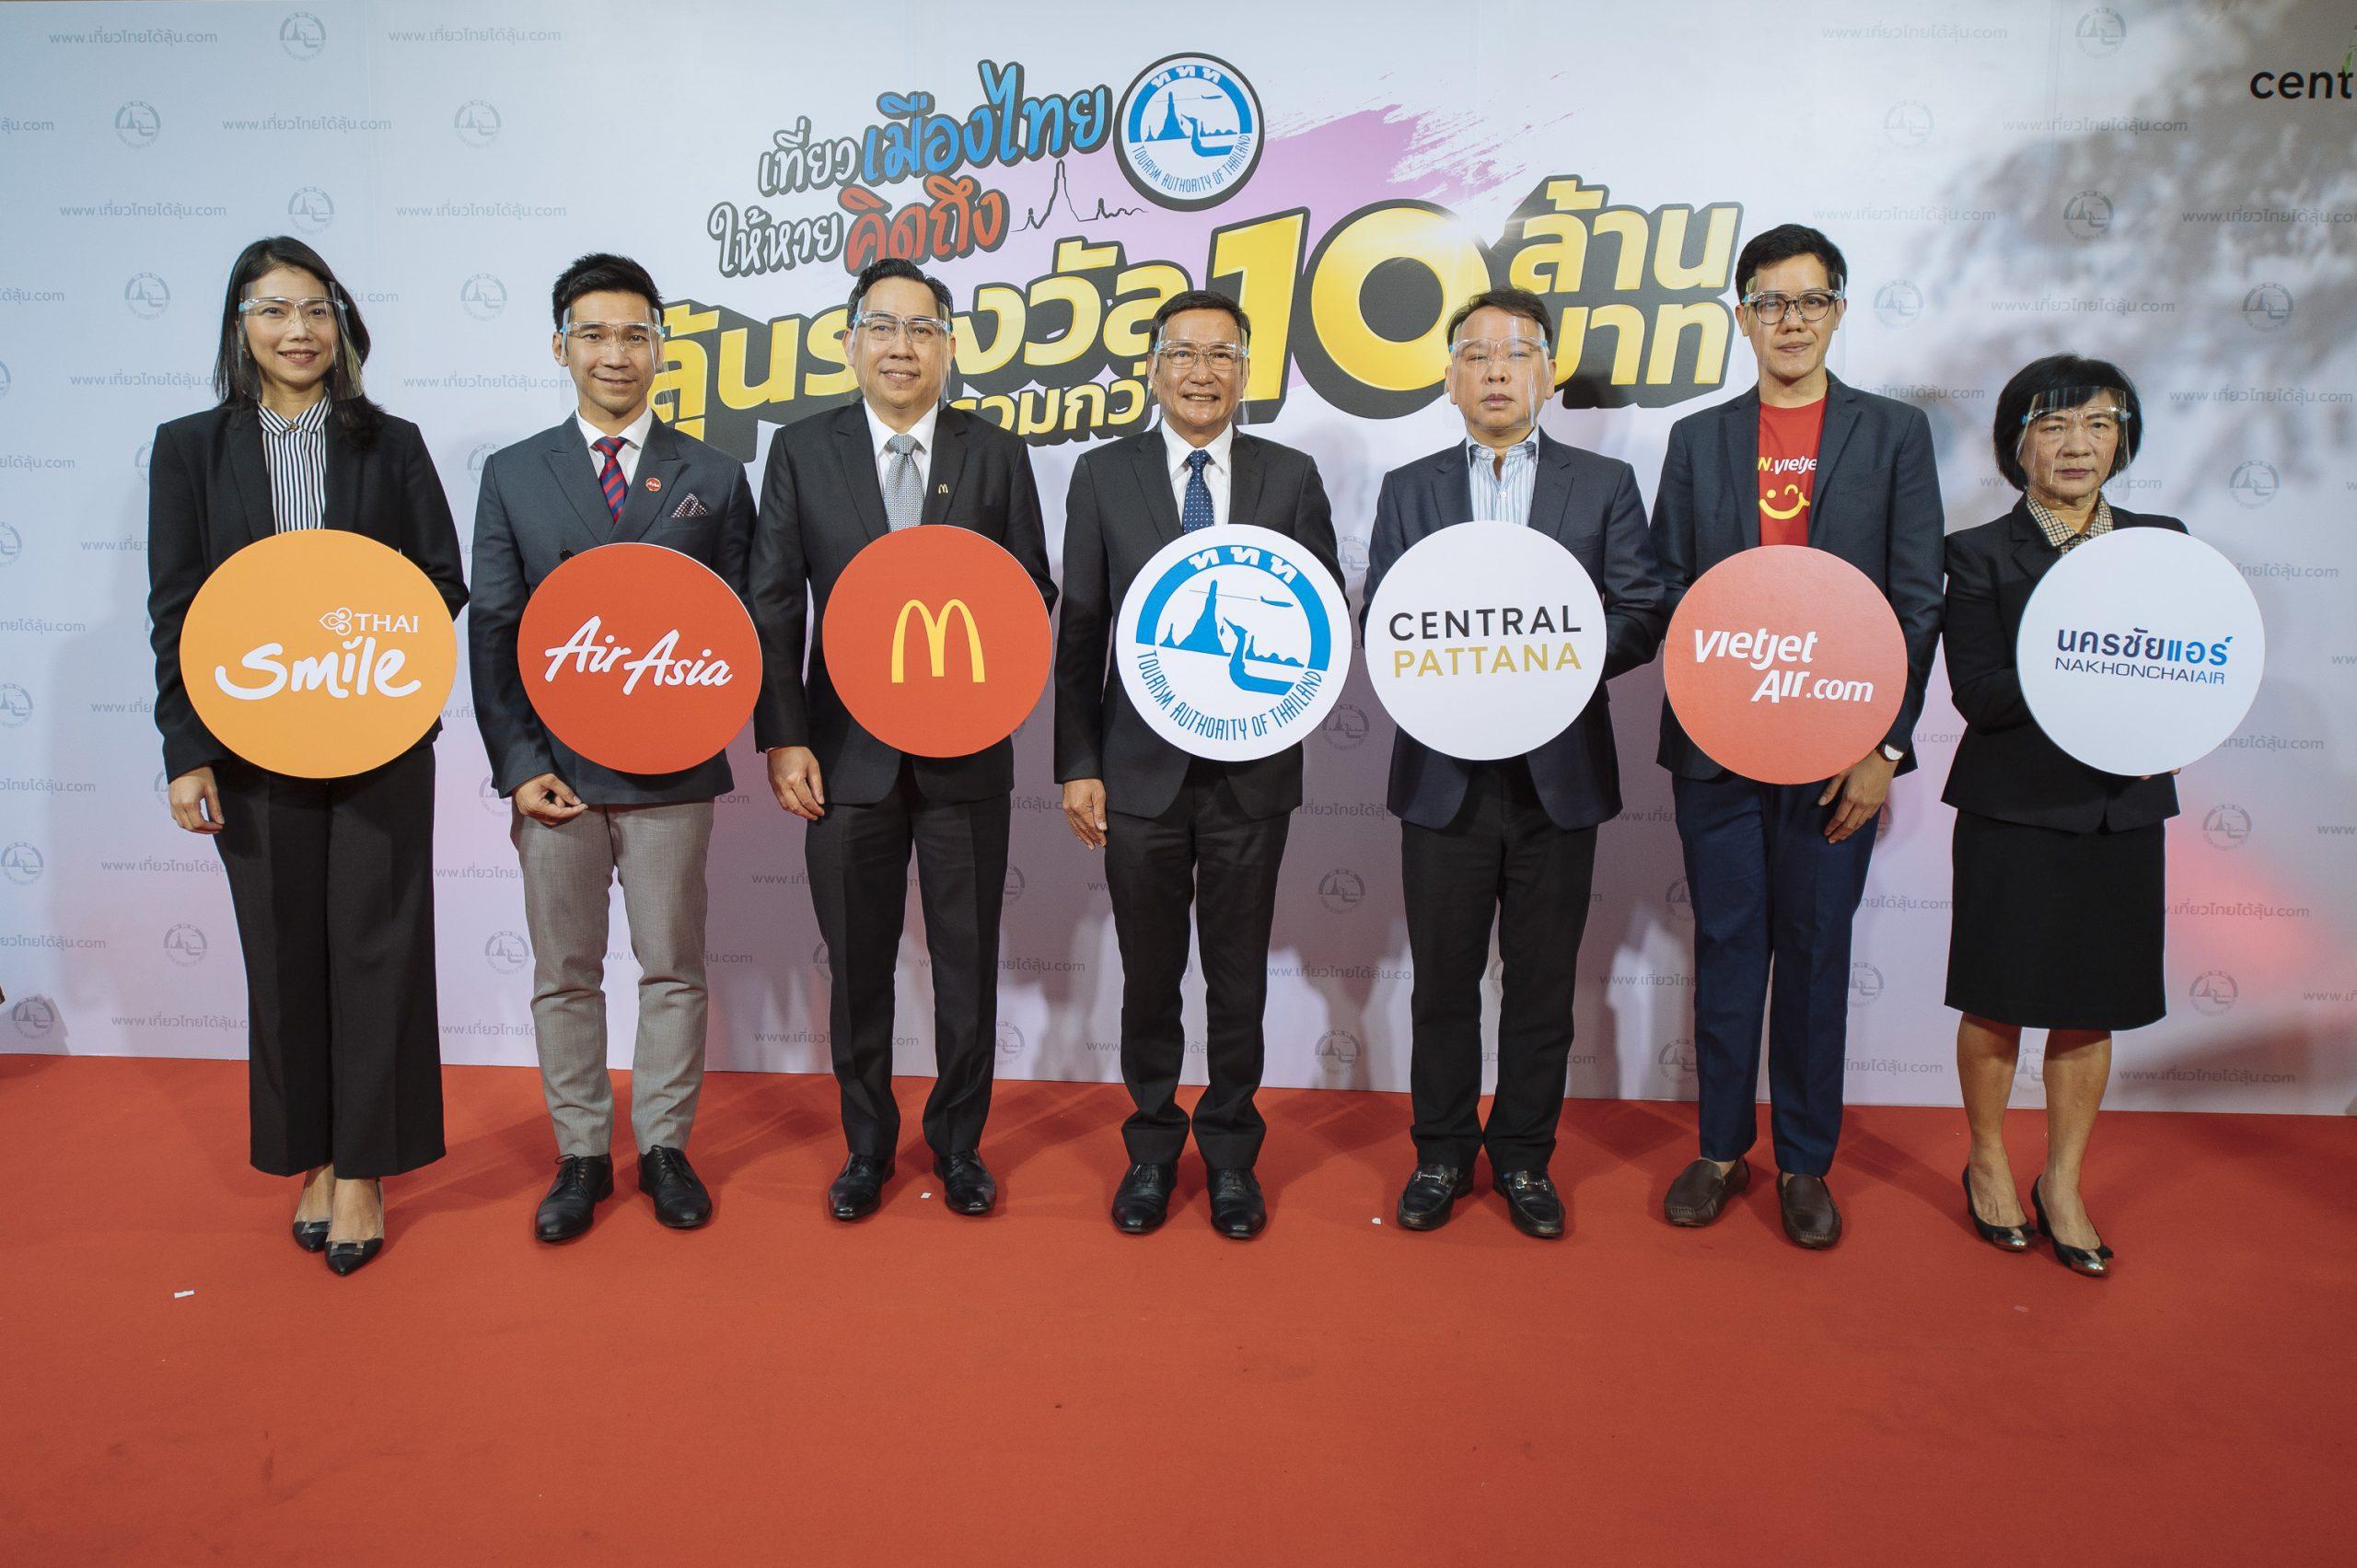 """ททท. จัดแถลงข่าวเปิดตัวแคมเปญ """"เที่ยวเมืองไทยให้หายคิดถึง ลุ้นรางวัลรวมมูลค่ากว่า 10 ล้านบาท"""" ภายใต้คอนเซ็ปต์ """"เที่ยวไทยได้ลุ้น"""""""